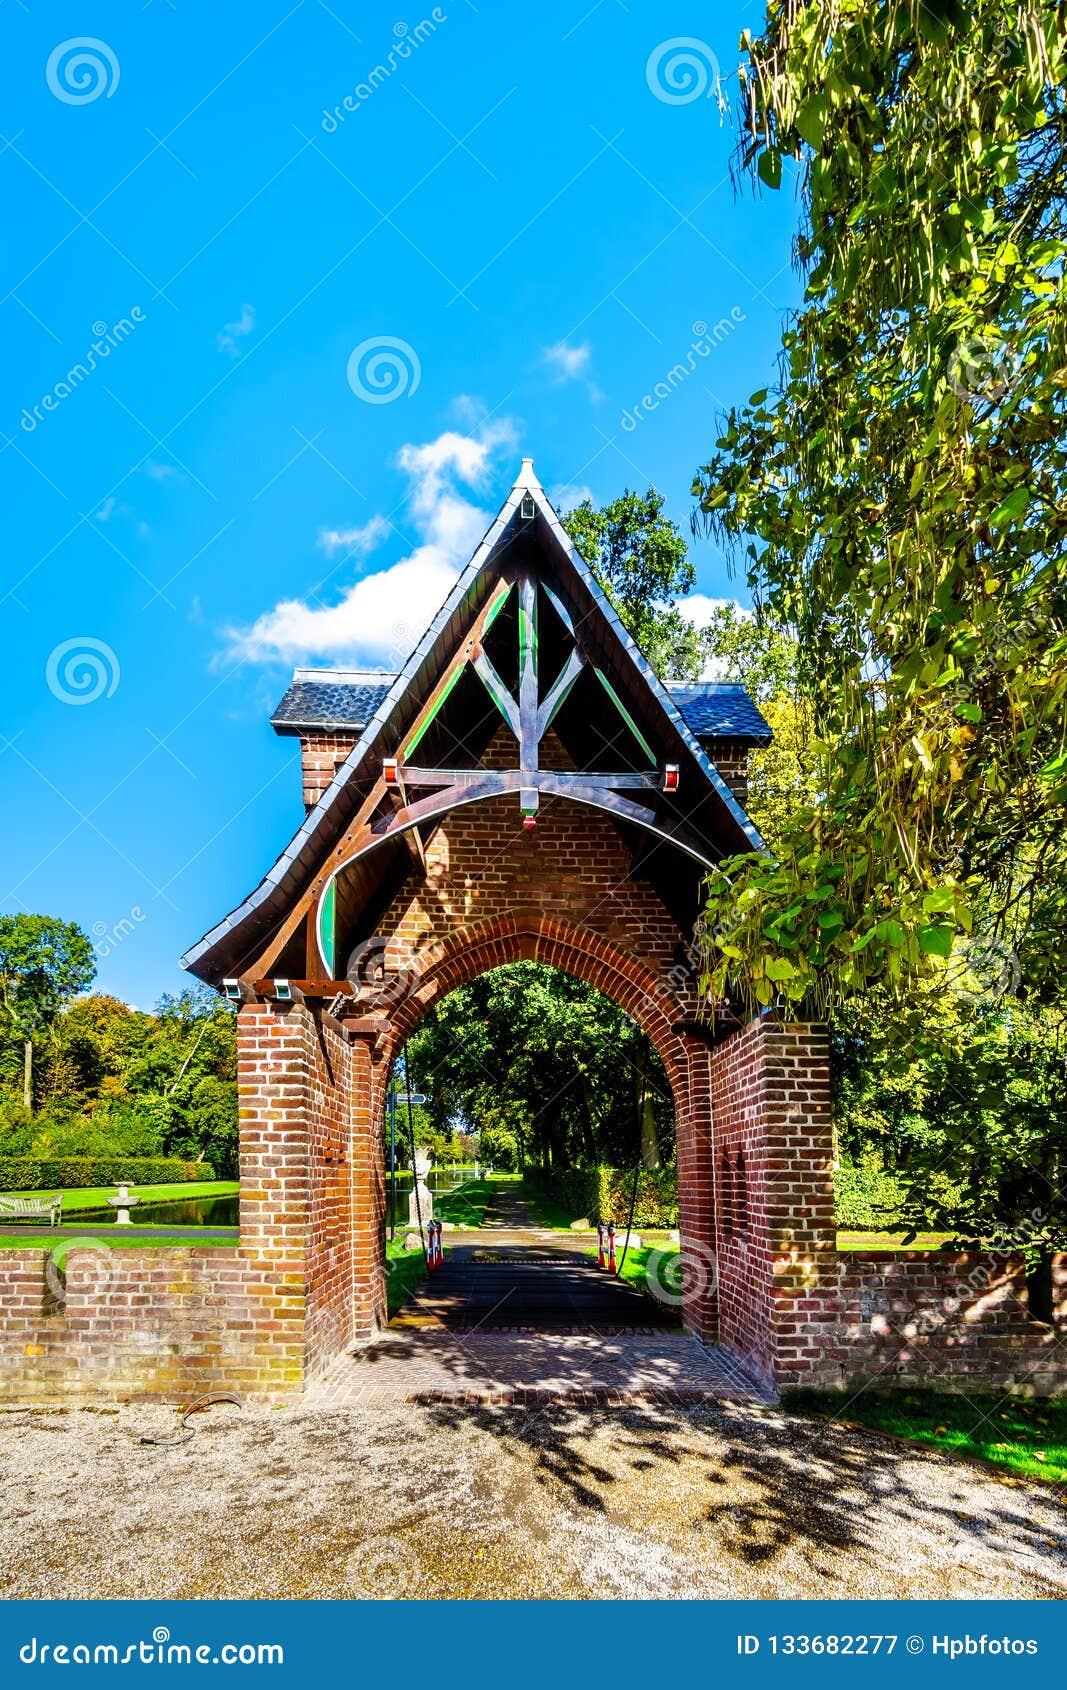 Gate entrance to the park surrounding Catle De Haar